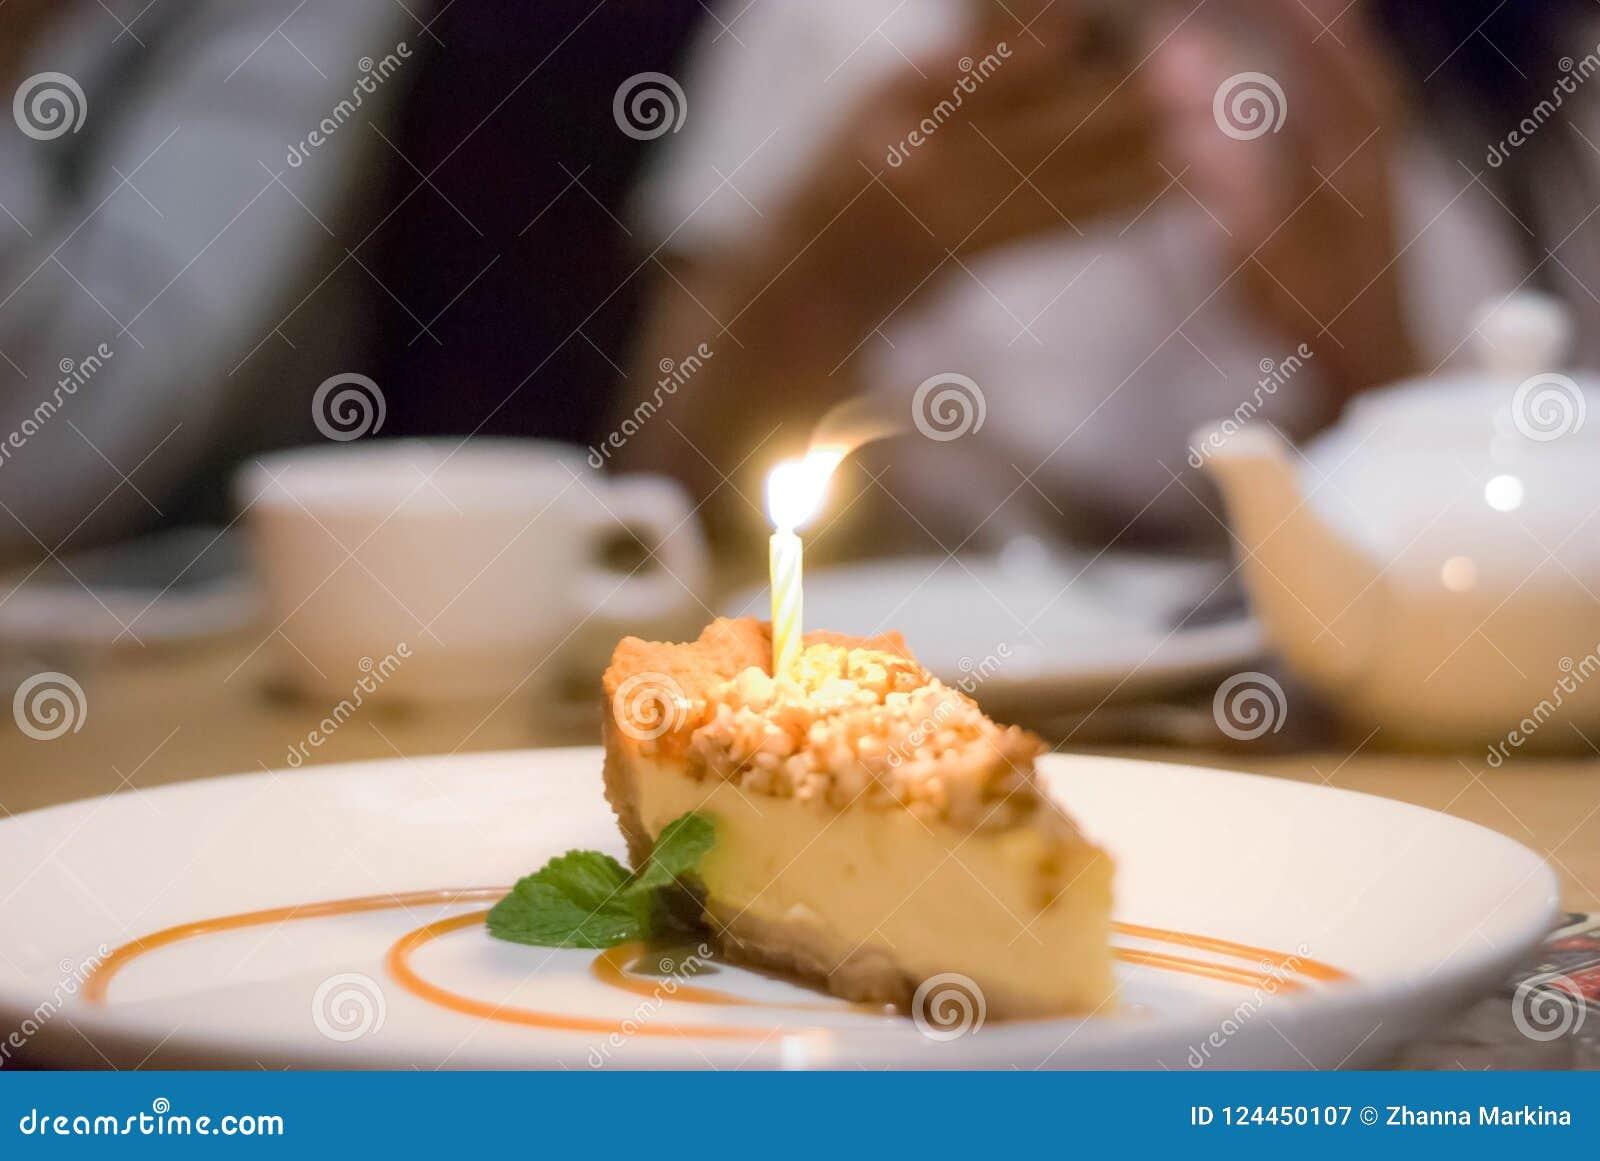 En skiva av ostkaka med en brinnande stearinljus för en födelsedag